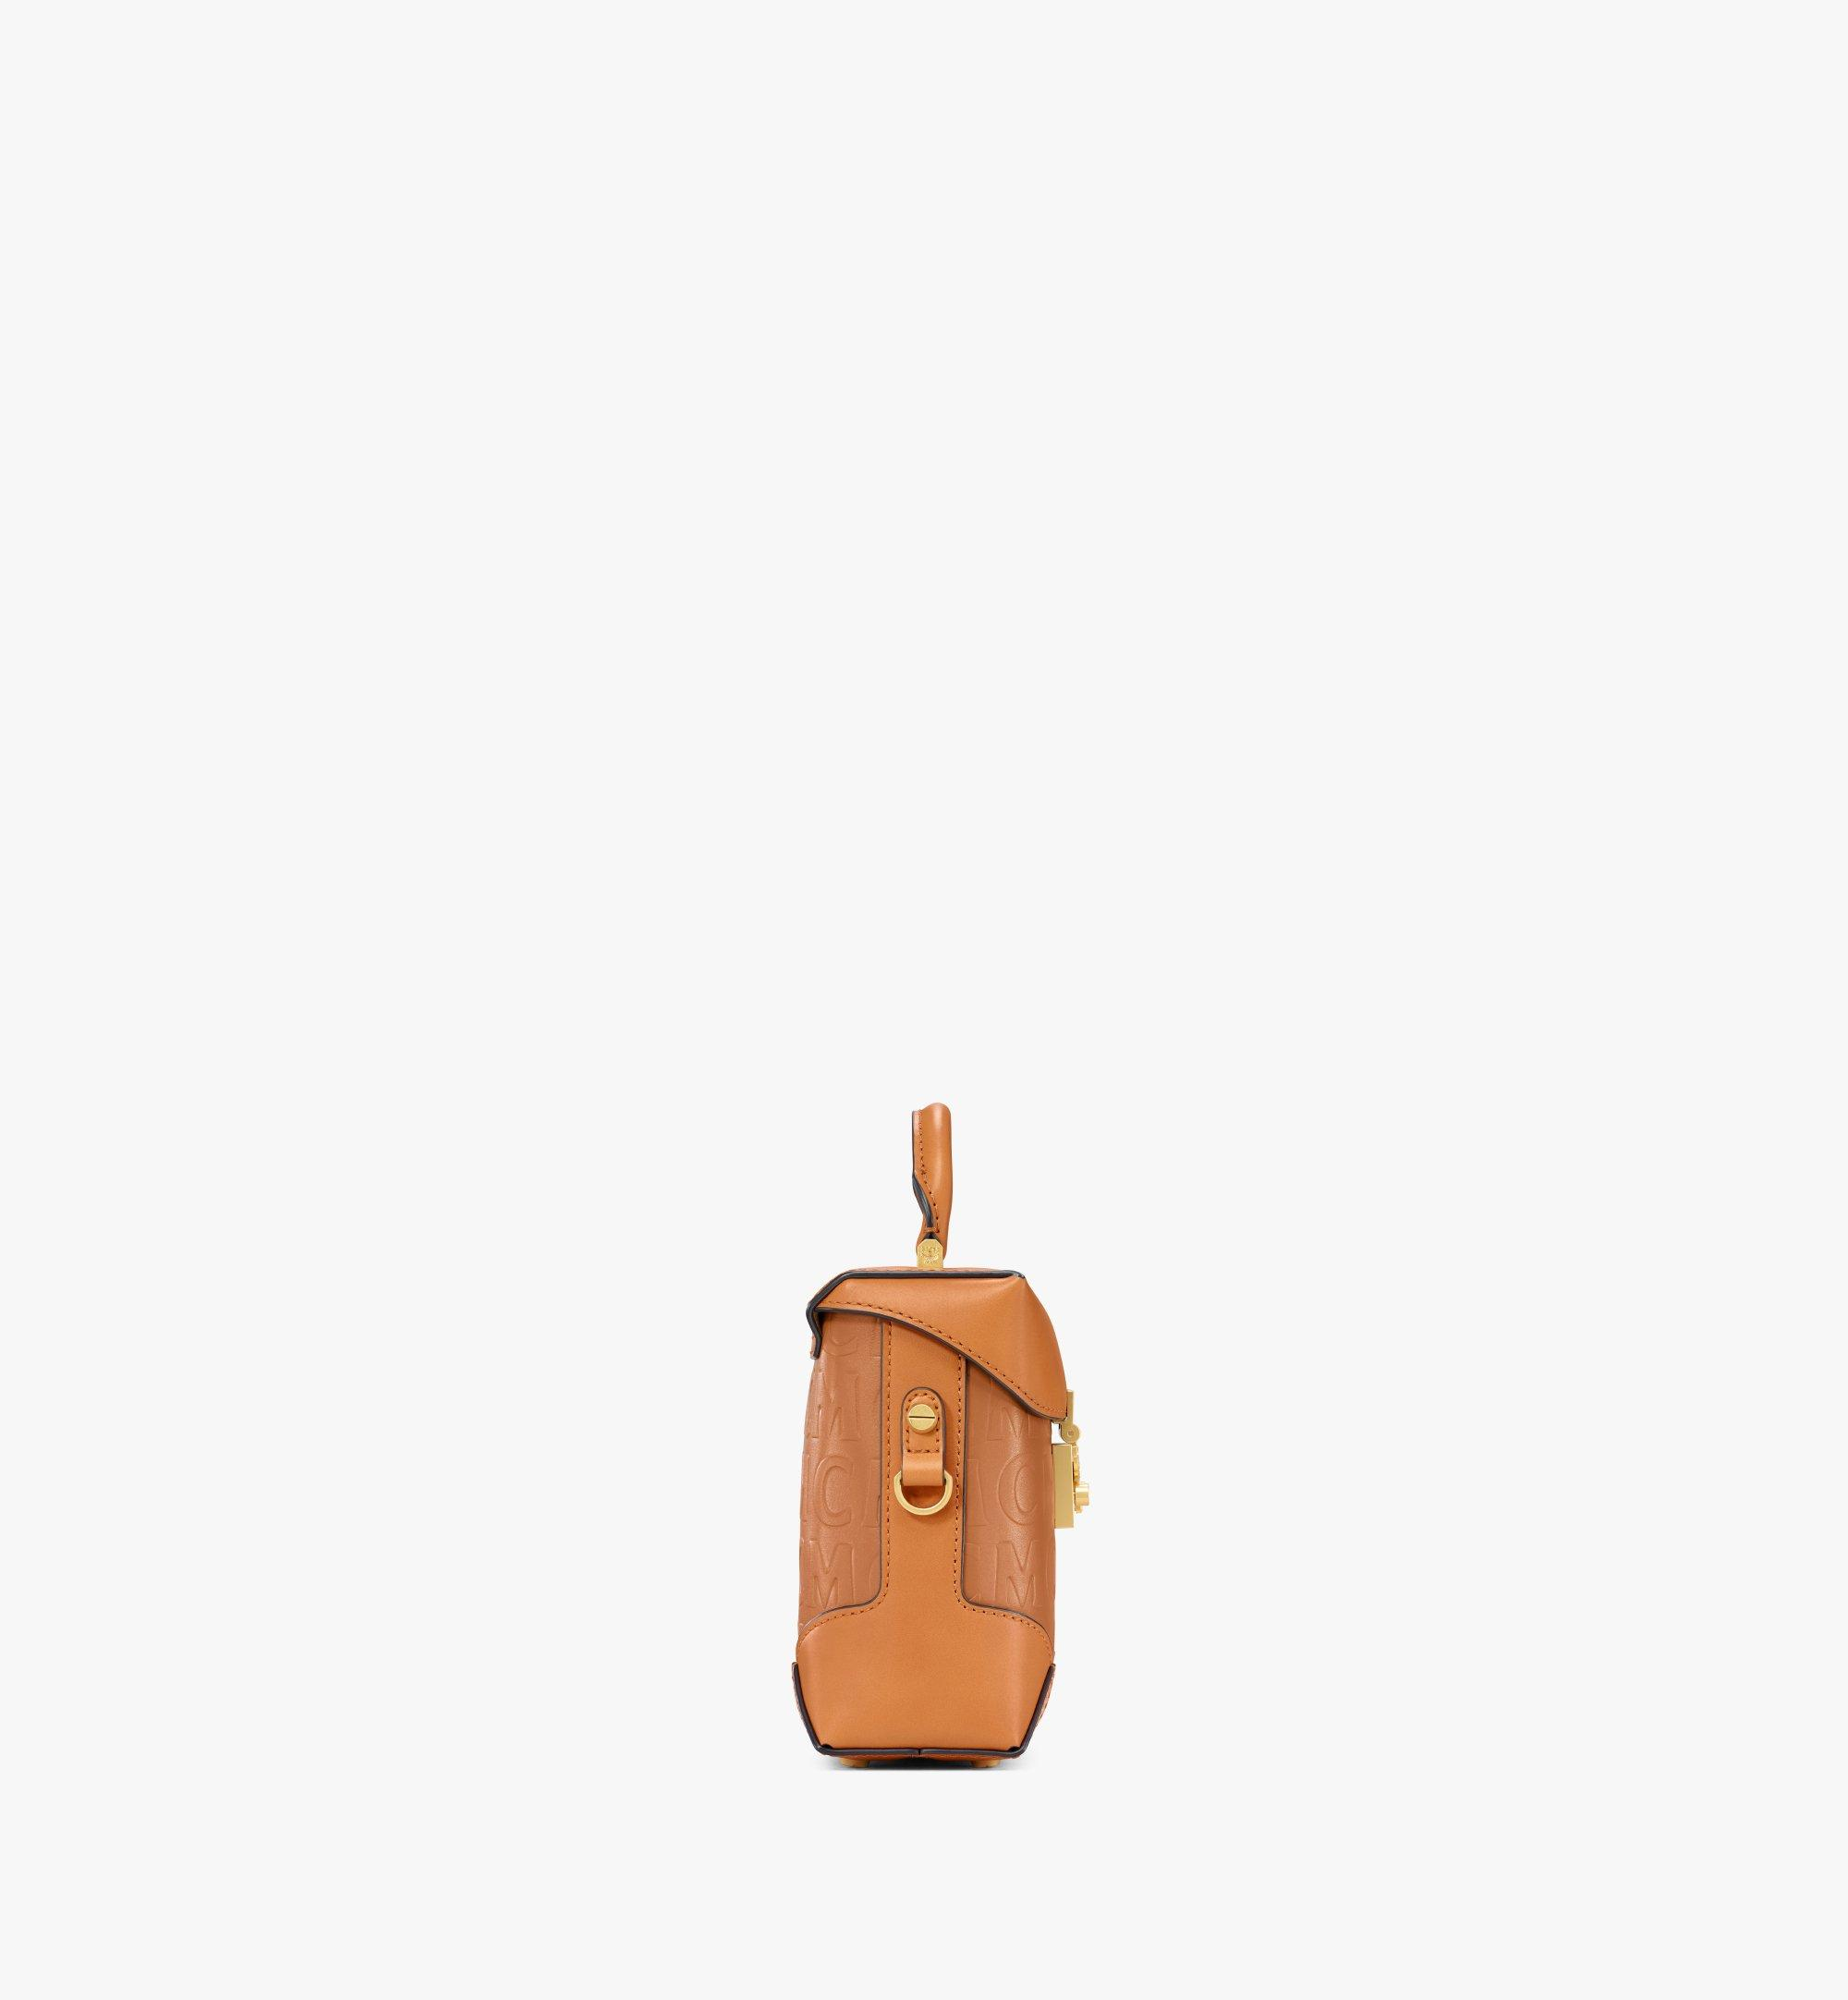 MCM 〈ソフト ベルリン〉N/S クロスボディバッグ - MCM モノグラムレザー Cognac MWRAABF02CO001 ほかの角度から見る 1